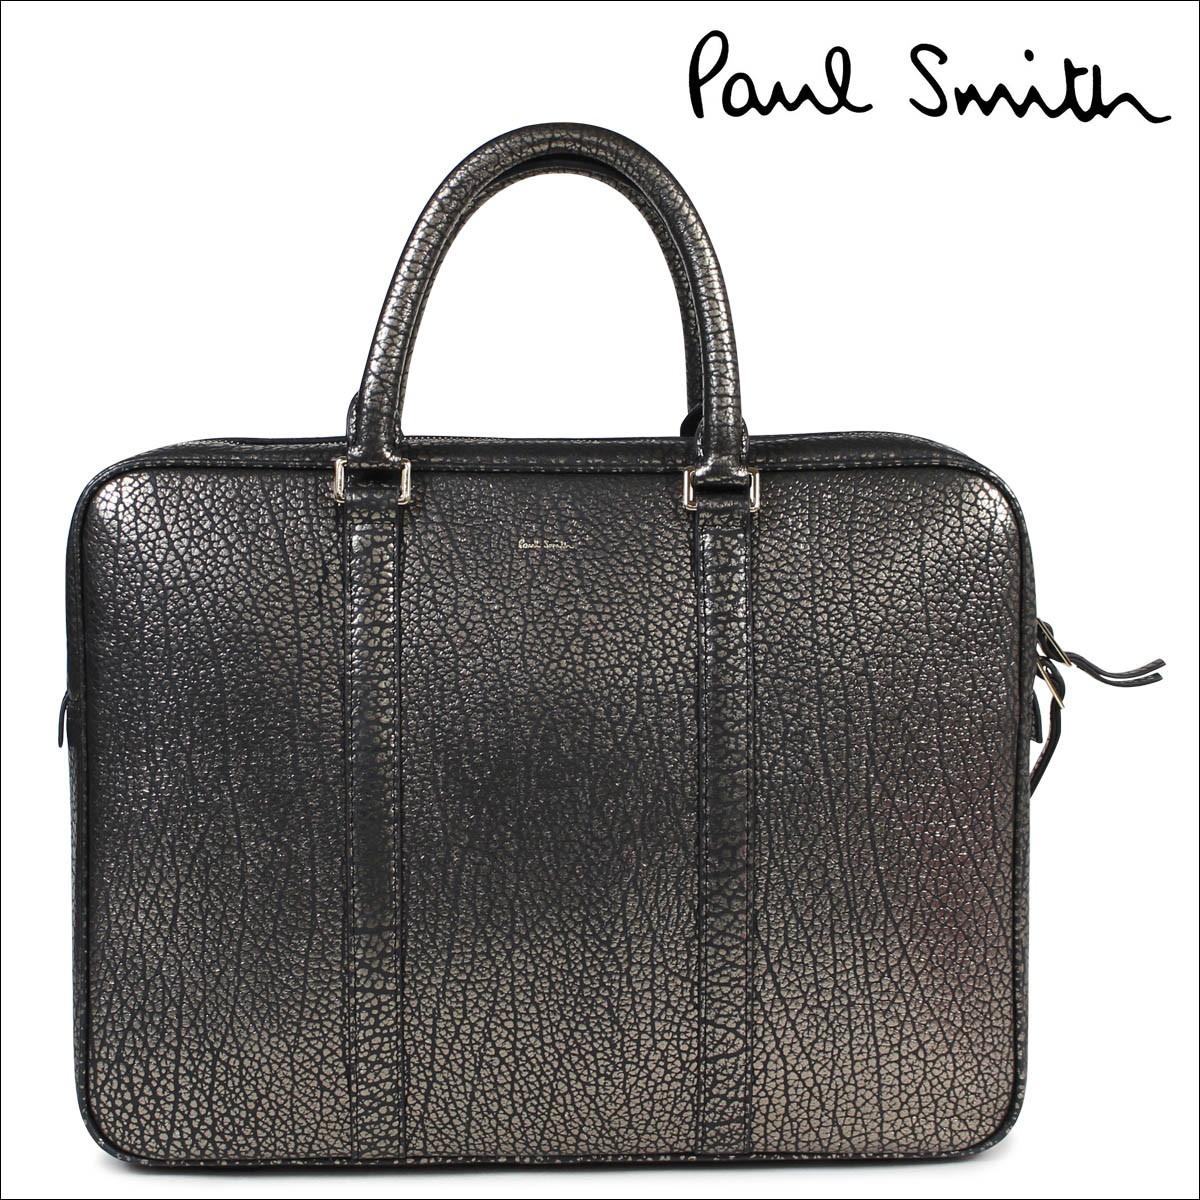 ポールスミス バッグ メンズ Paul Smith ビジネスバッグ 本革 レザー ゴールド 4621